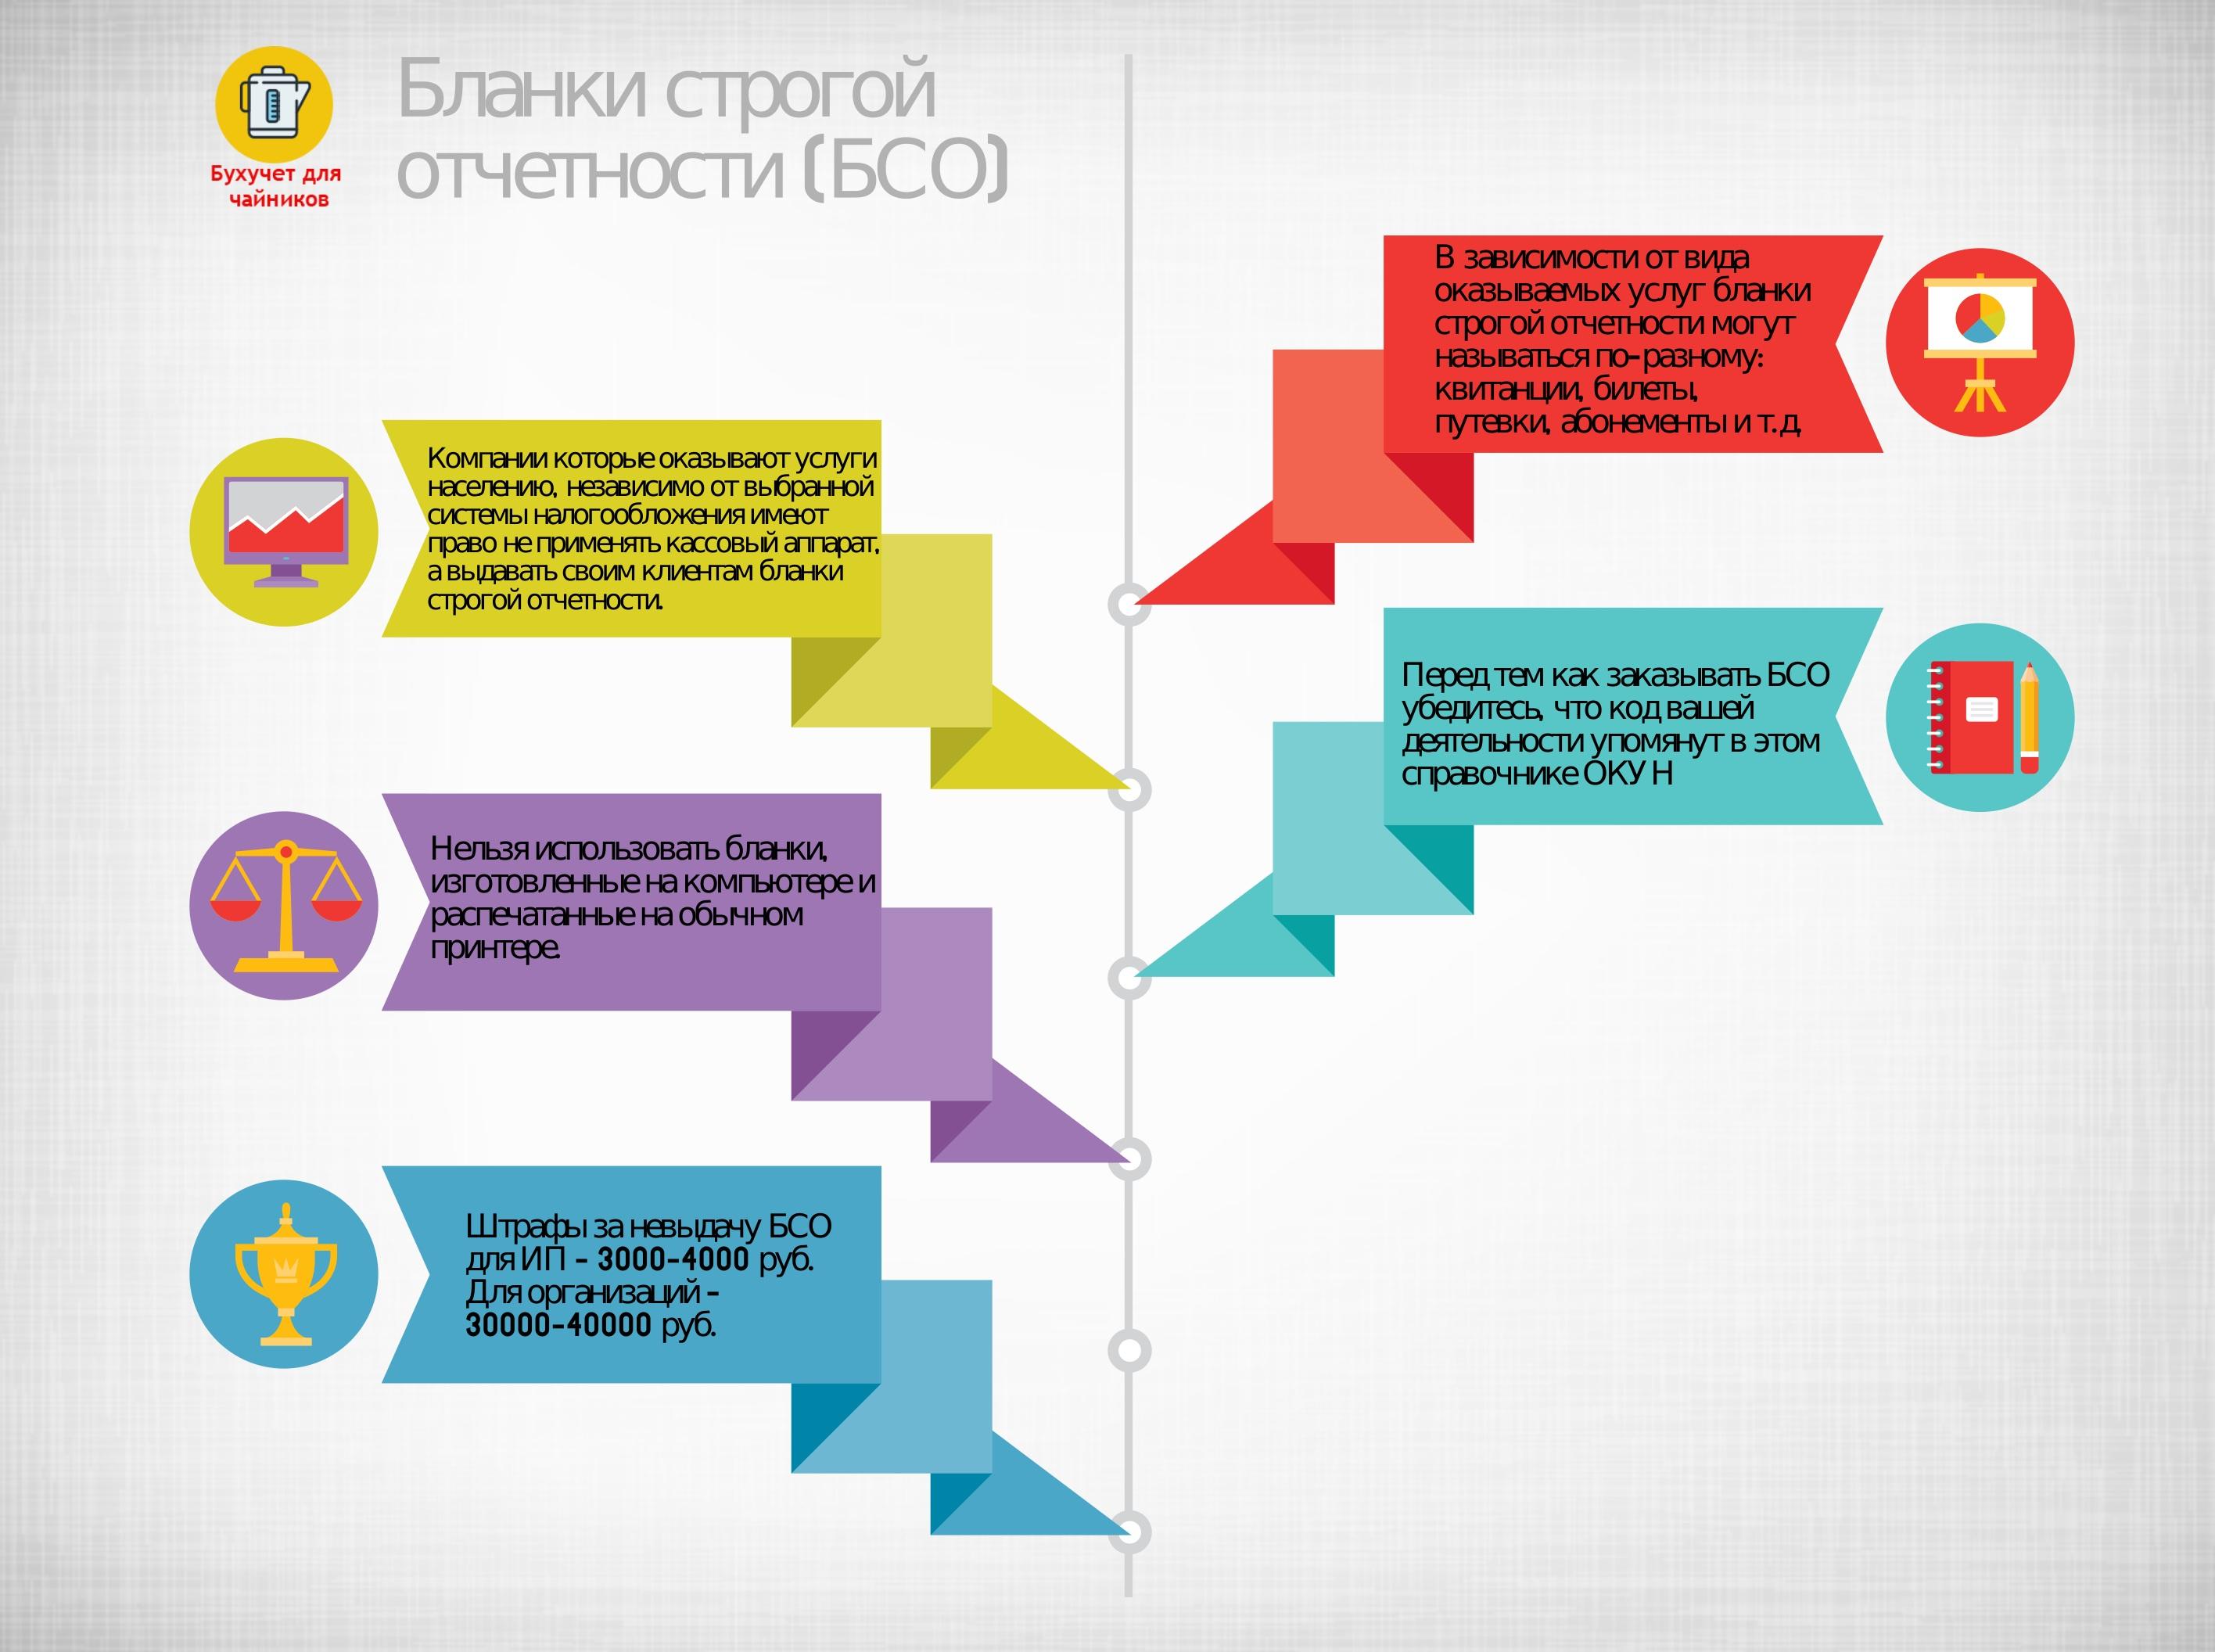 Бланки строгой отчетности (БСО): основы